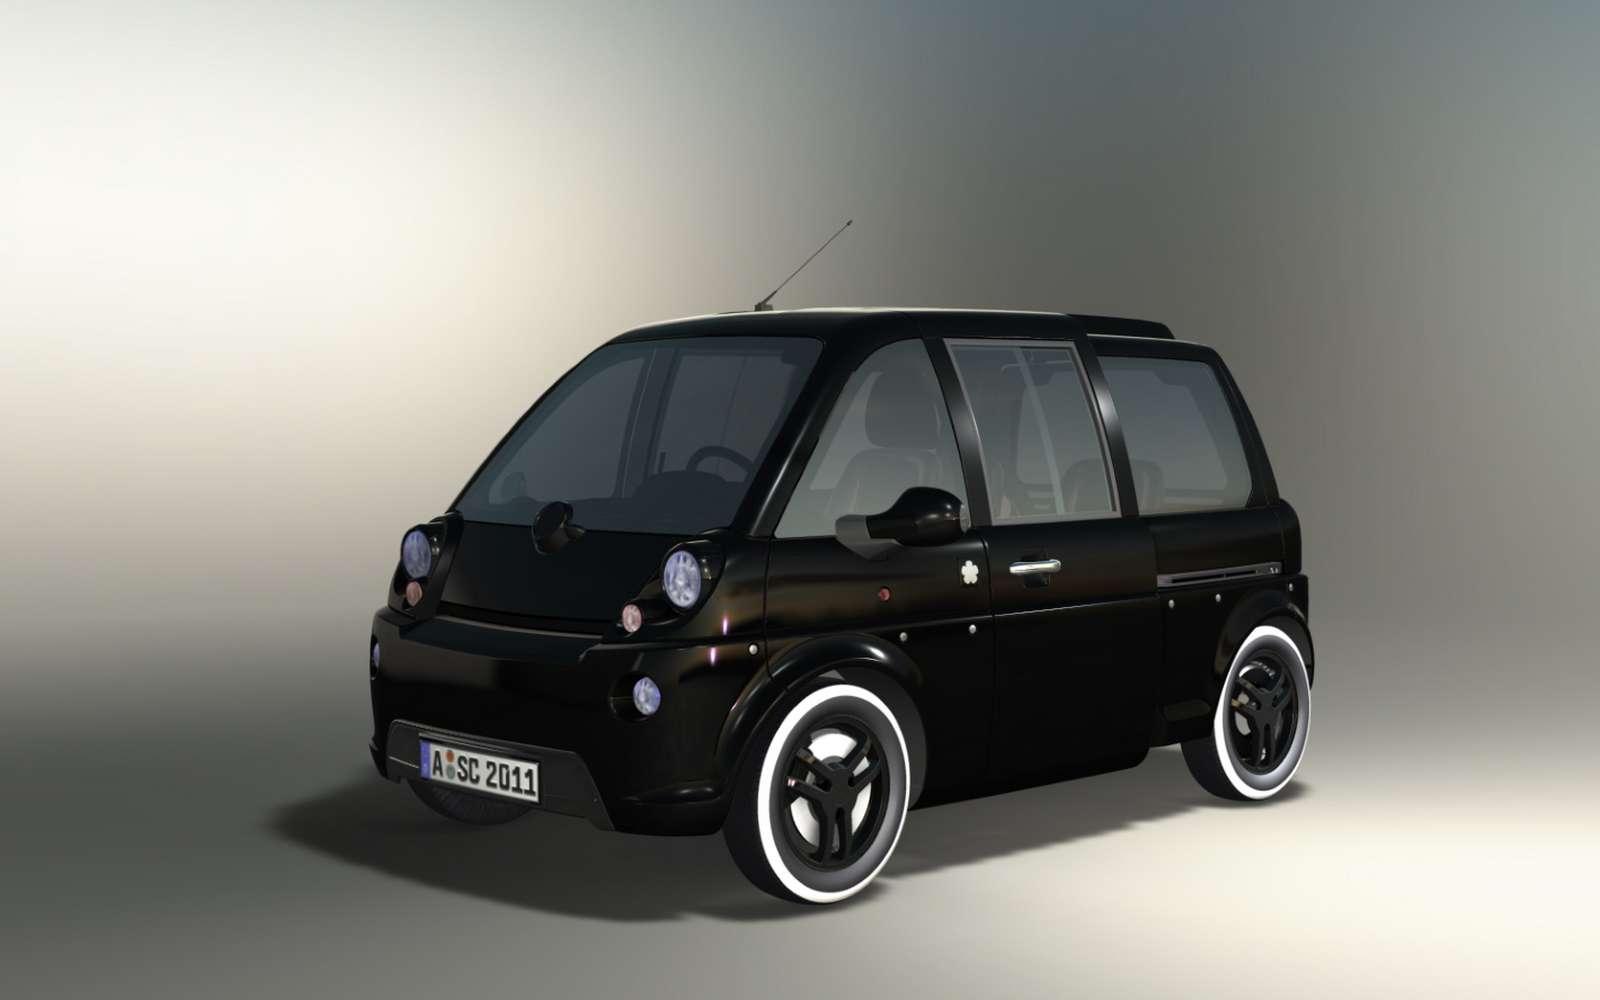 La petite Mia, issue du Poitou, pourrait renaître en Europe de l'Est en version 2.0. © Fox E-Mobility